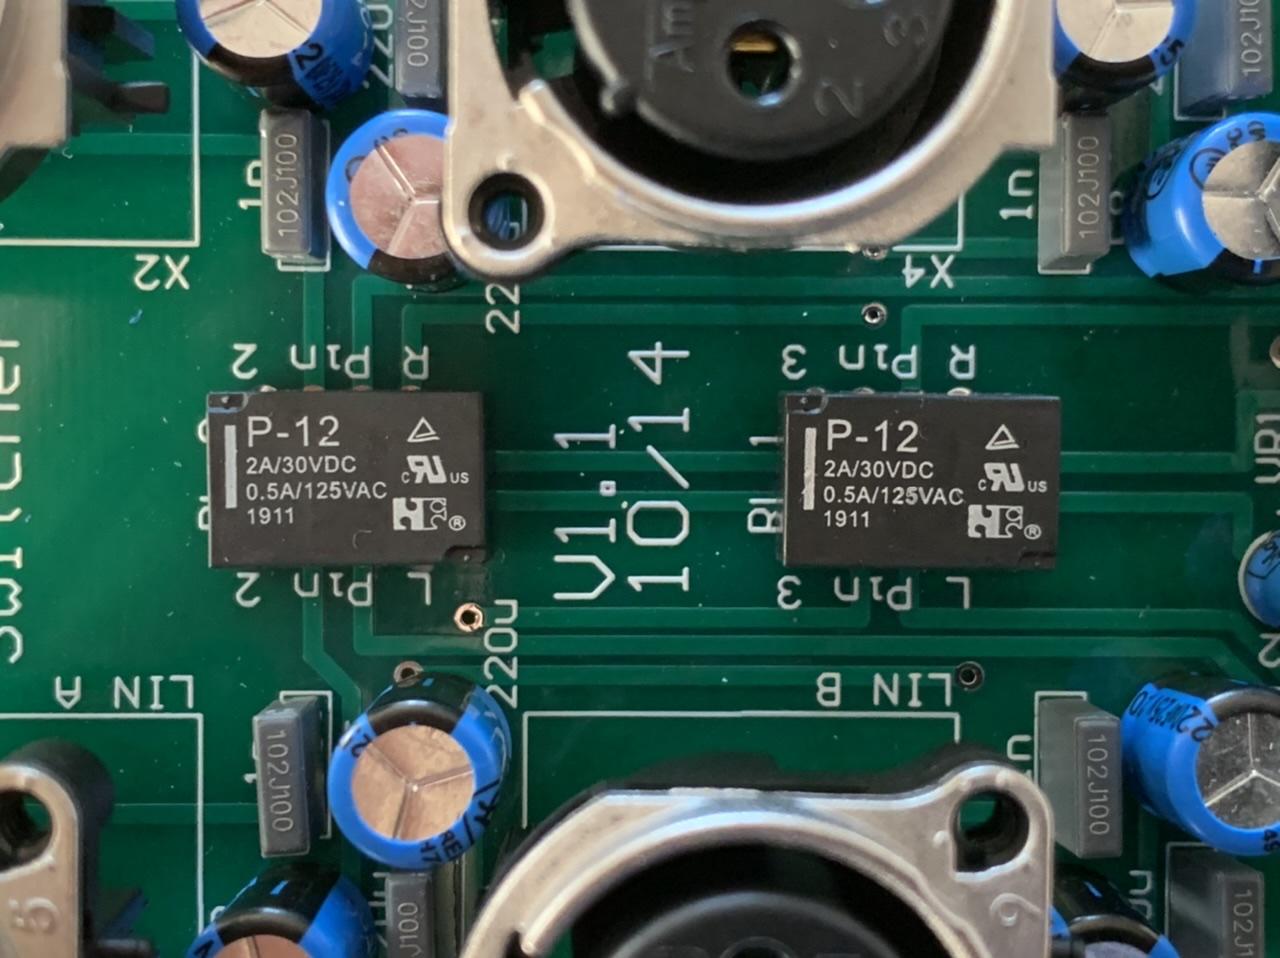 5EE8B537-1F0A-4842-9A49-FA68B667BB34.jpeg